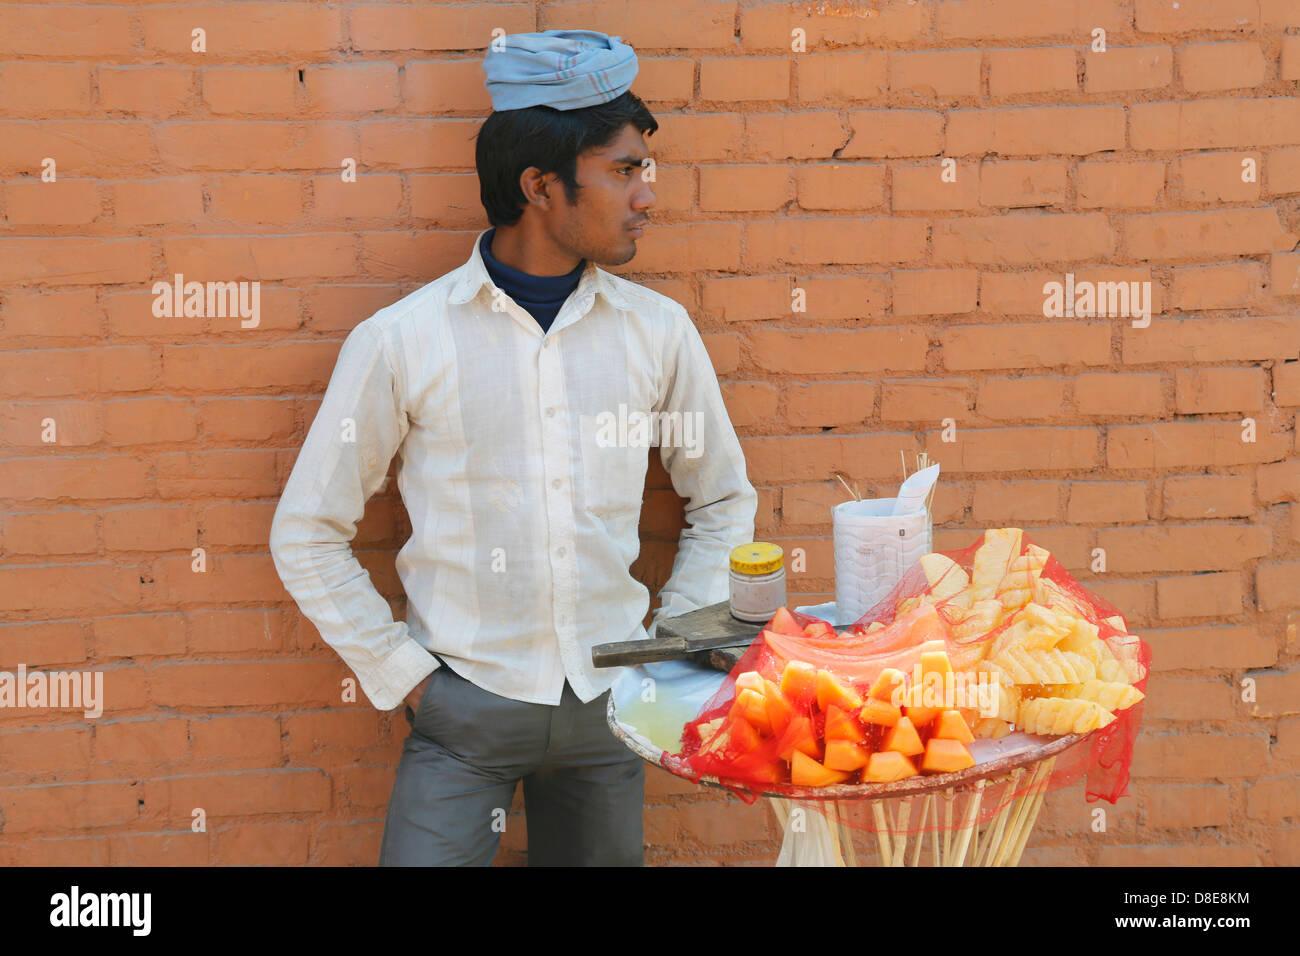 Hinduist, Kathmandu, Nepal, Asia Hinduist, Kathmandu, Nepal, Asia - Stock Image